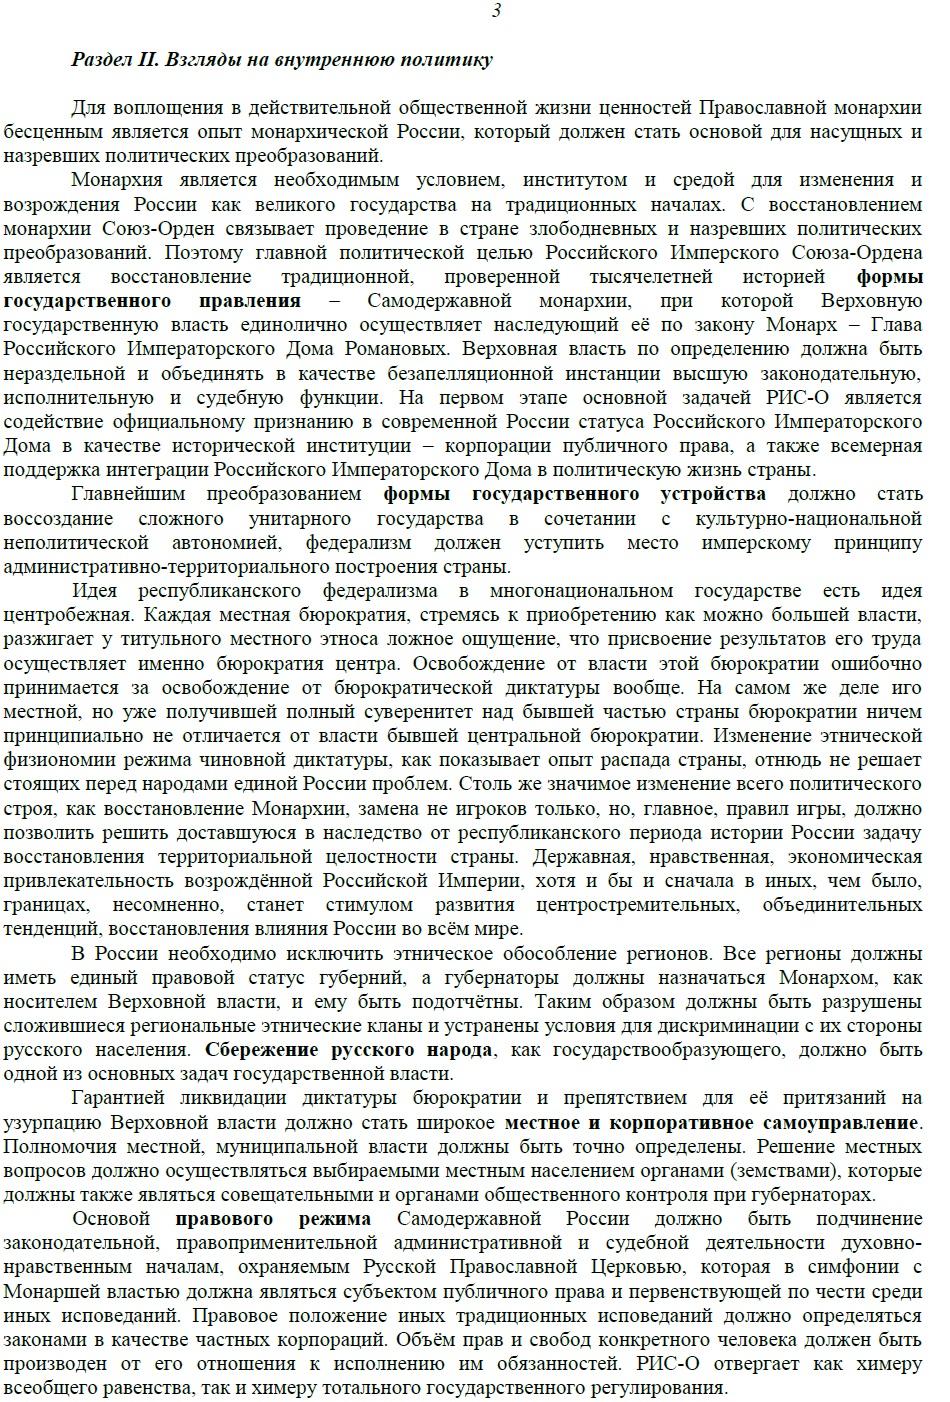 Гост р 55361 2018 скачать pdf